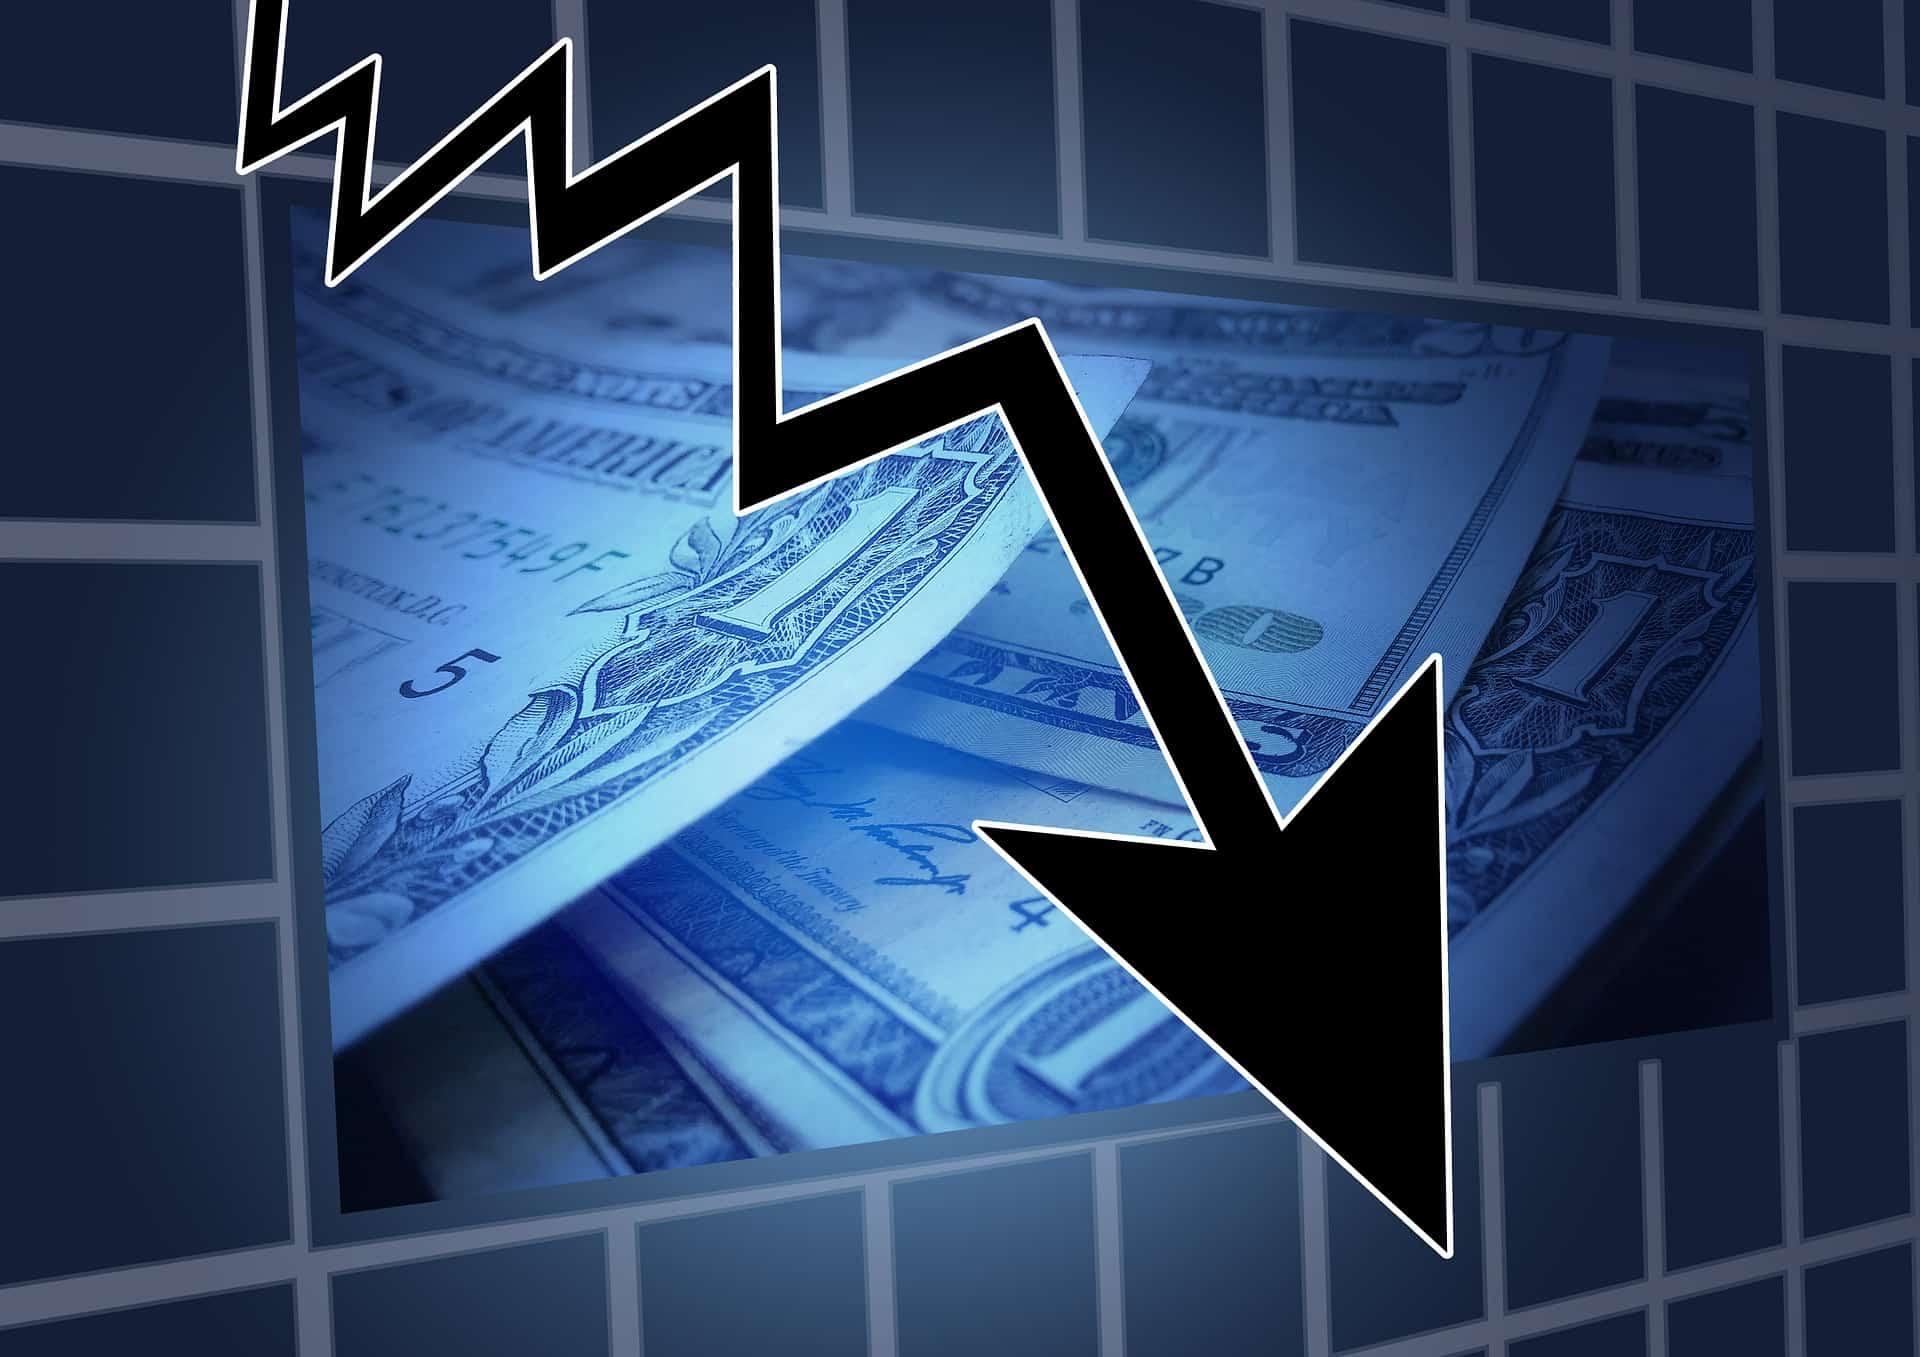 Czym są instrumenty pochodne? - Kryzys finansowy w latach 2007-2009.